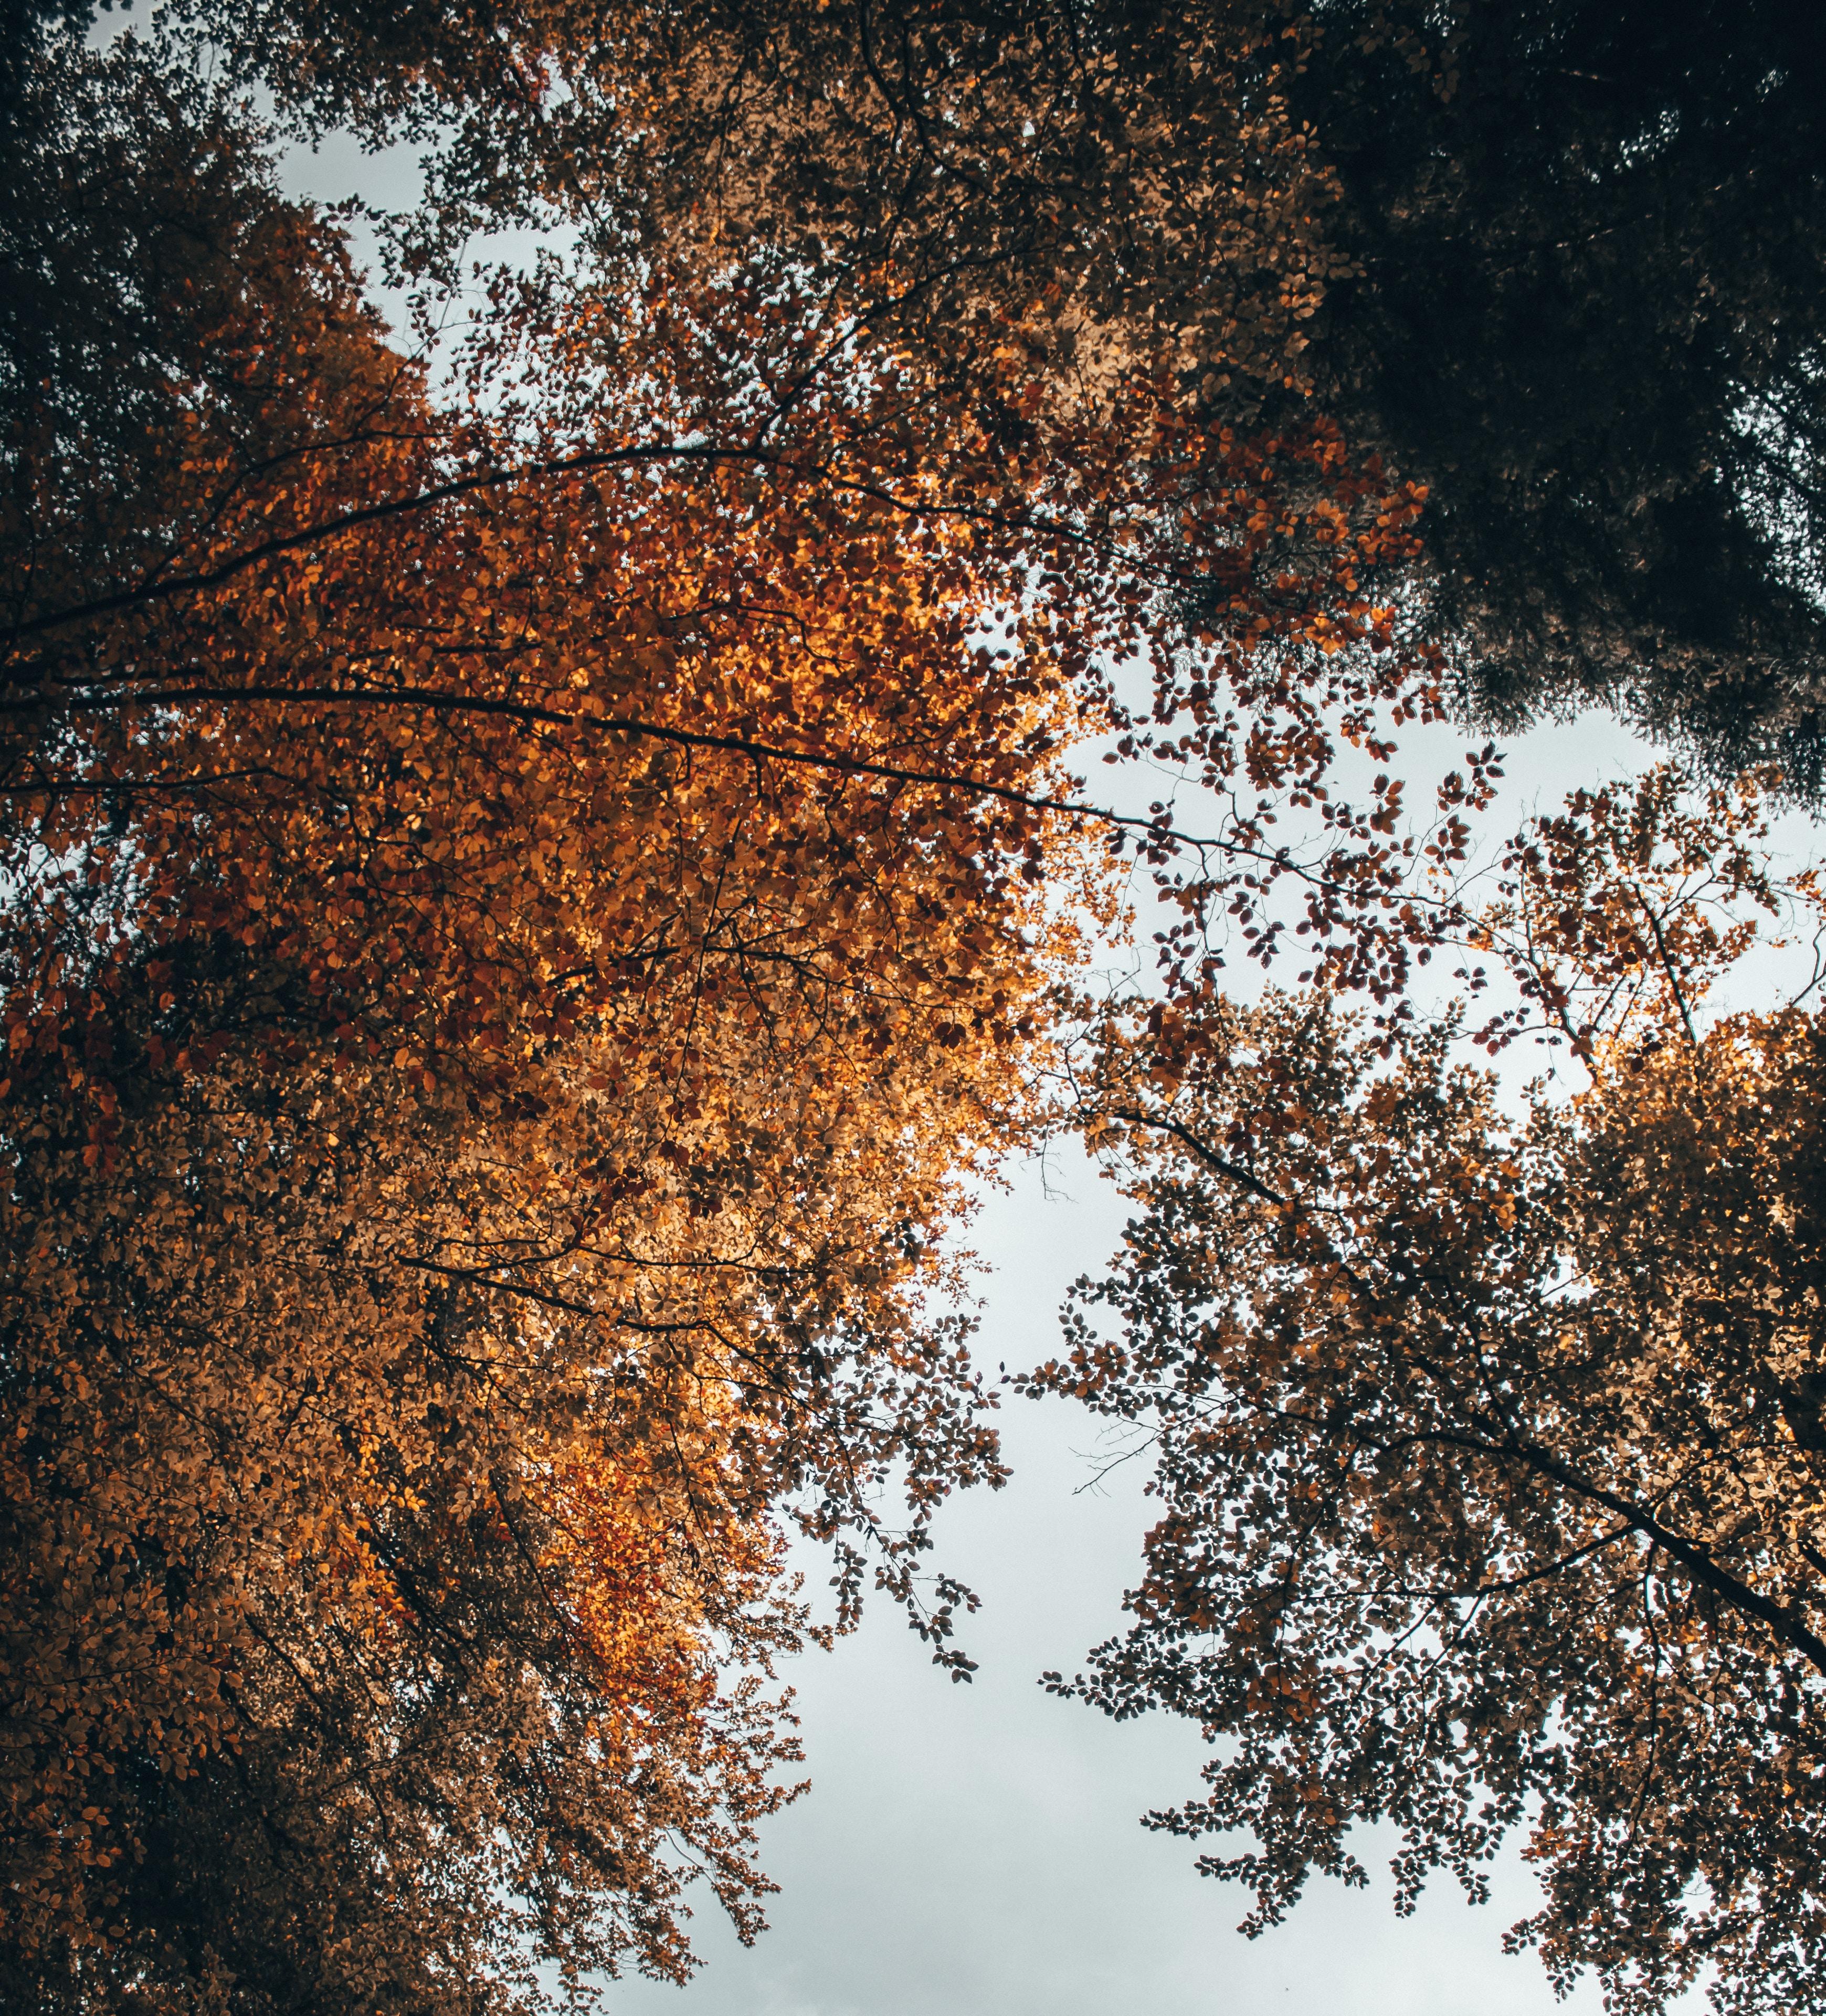 brown dried tree leaves